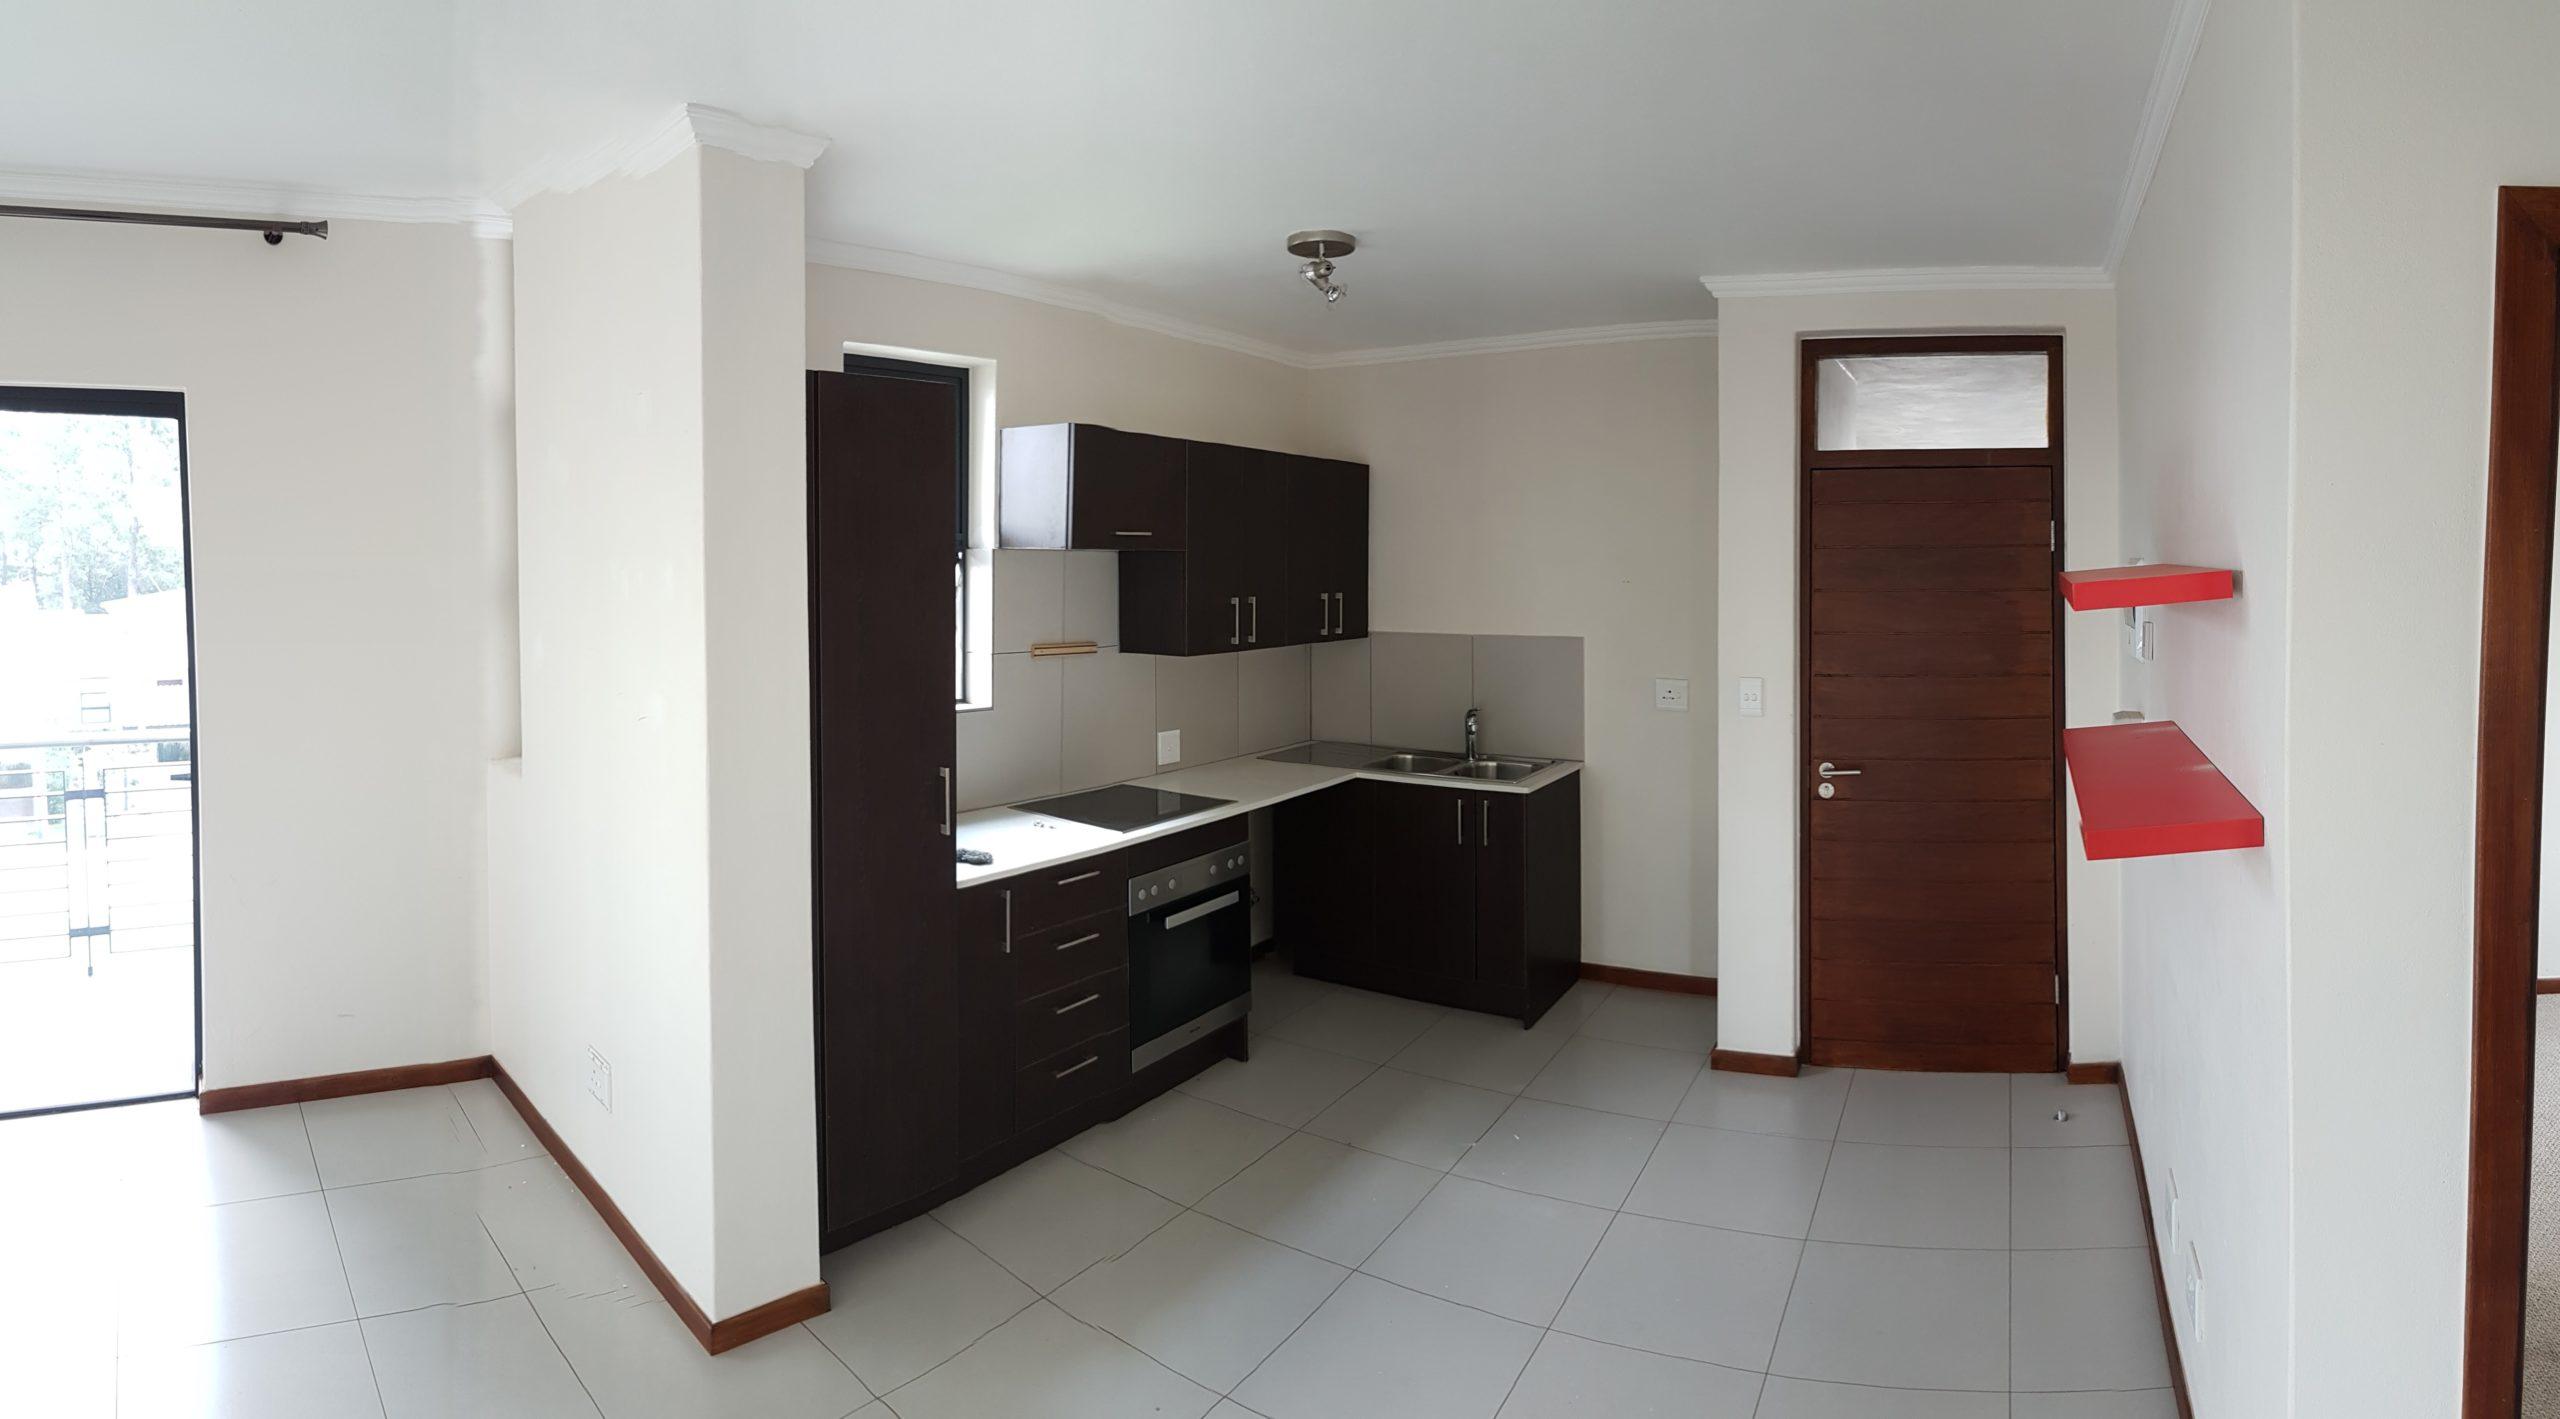 134 Kings Barn – 2 Bedroom, 2 Bathroom apartment to rent in Jackal Creek